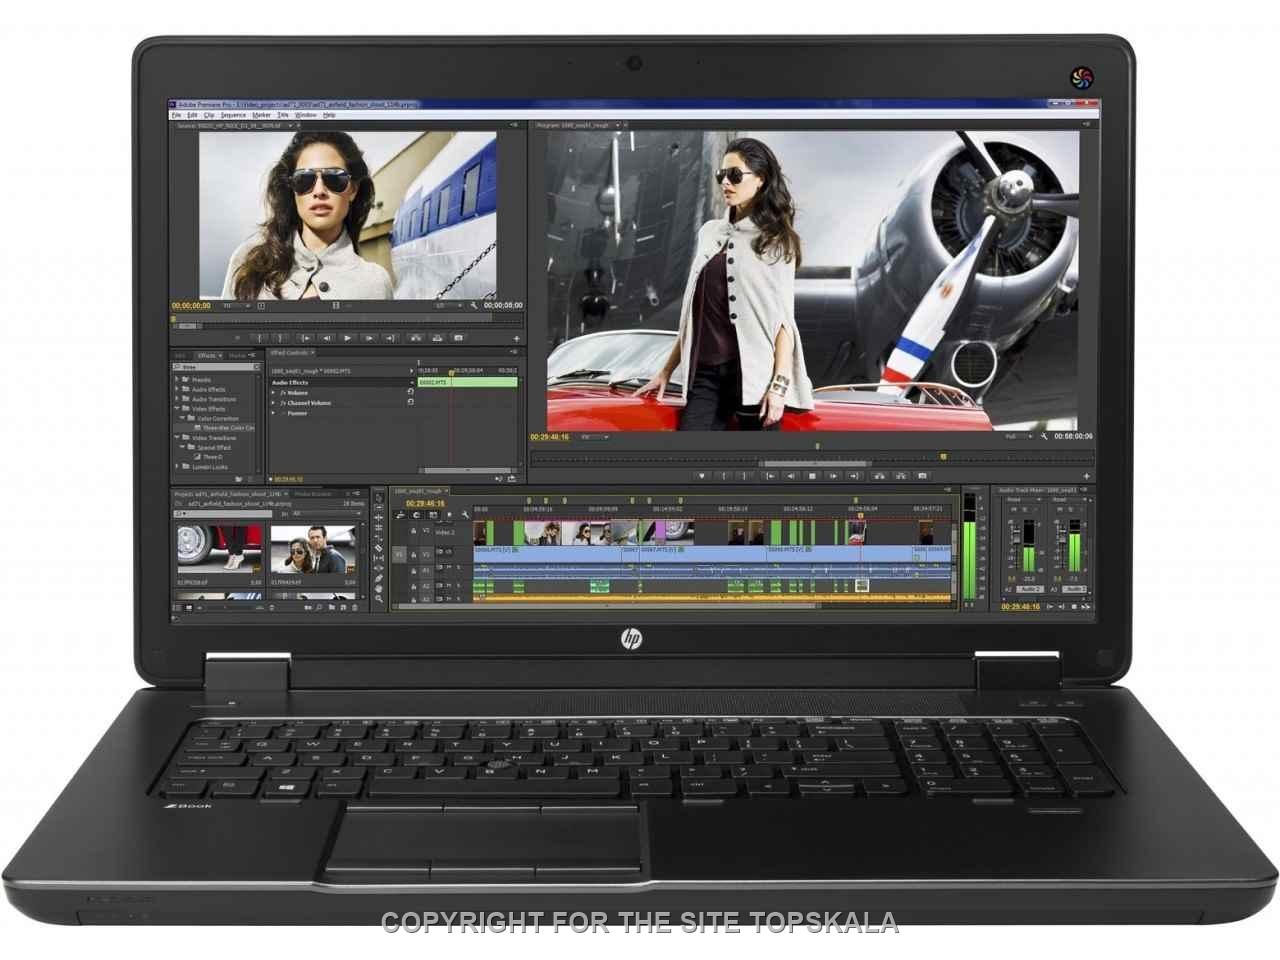 اچ پی / لپ تاپ استوک اچ پی مدل HP ZBOOK 17 G2 - i5 4340M